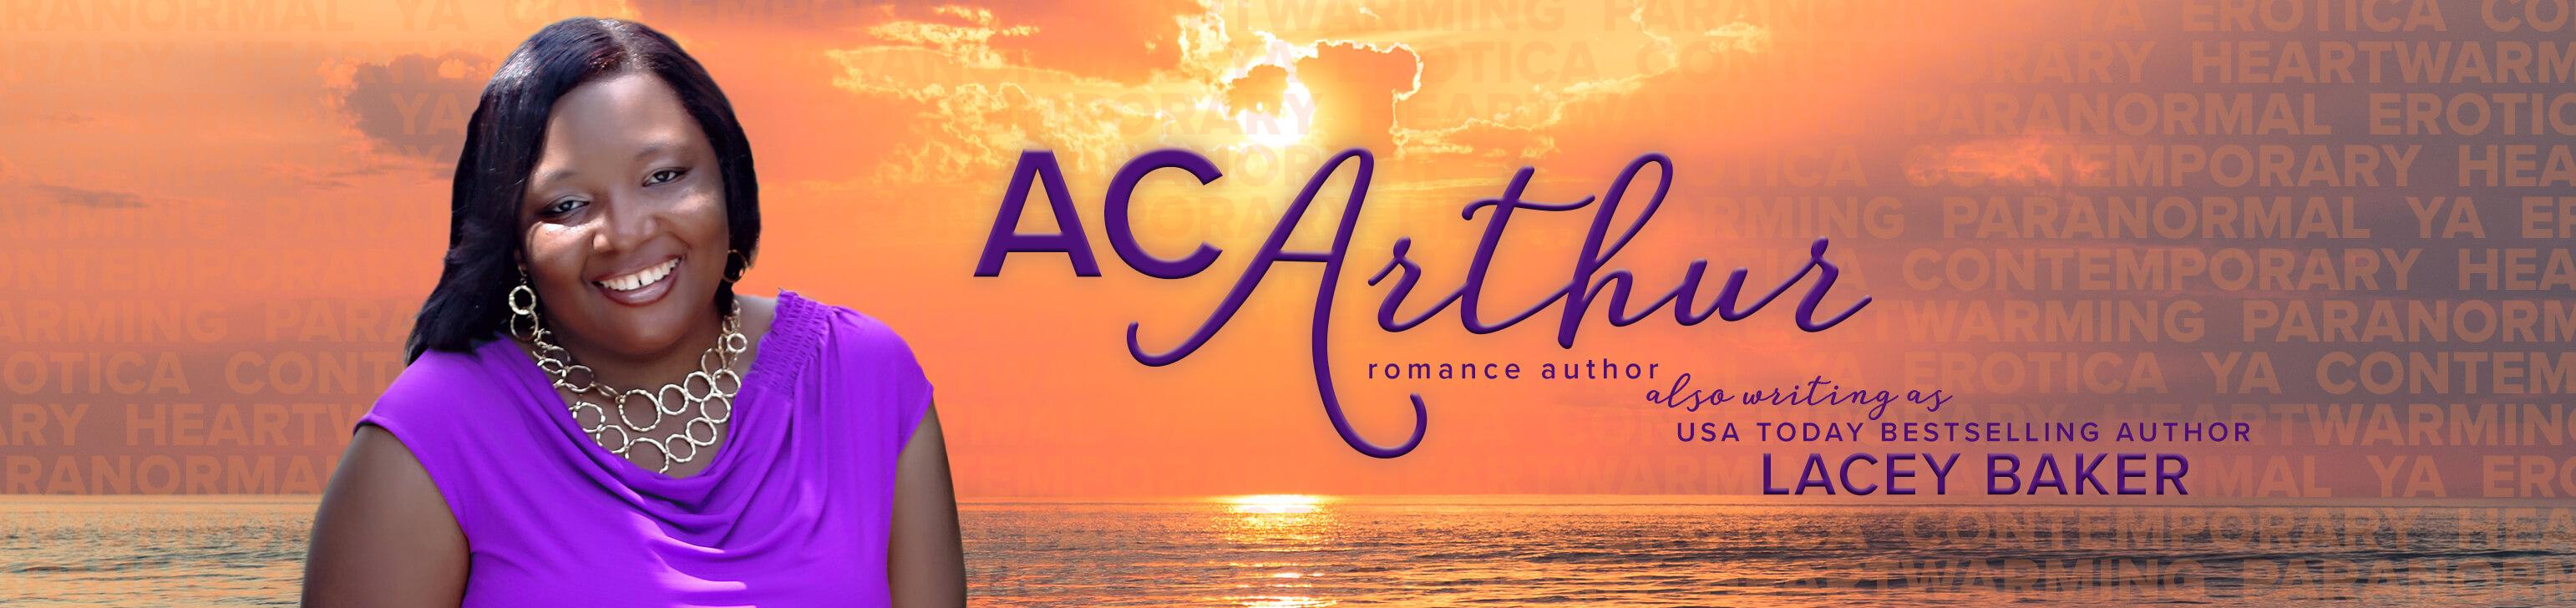 AC Arthur